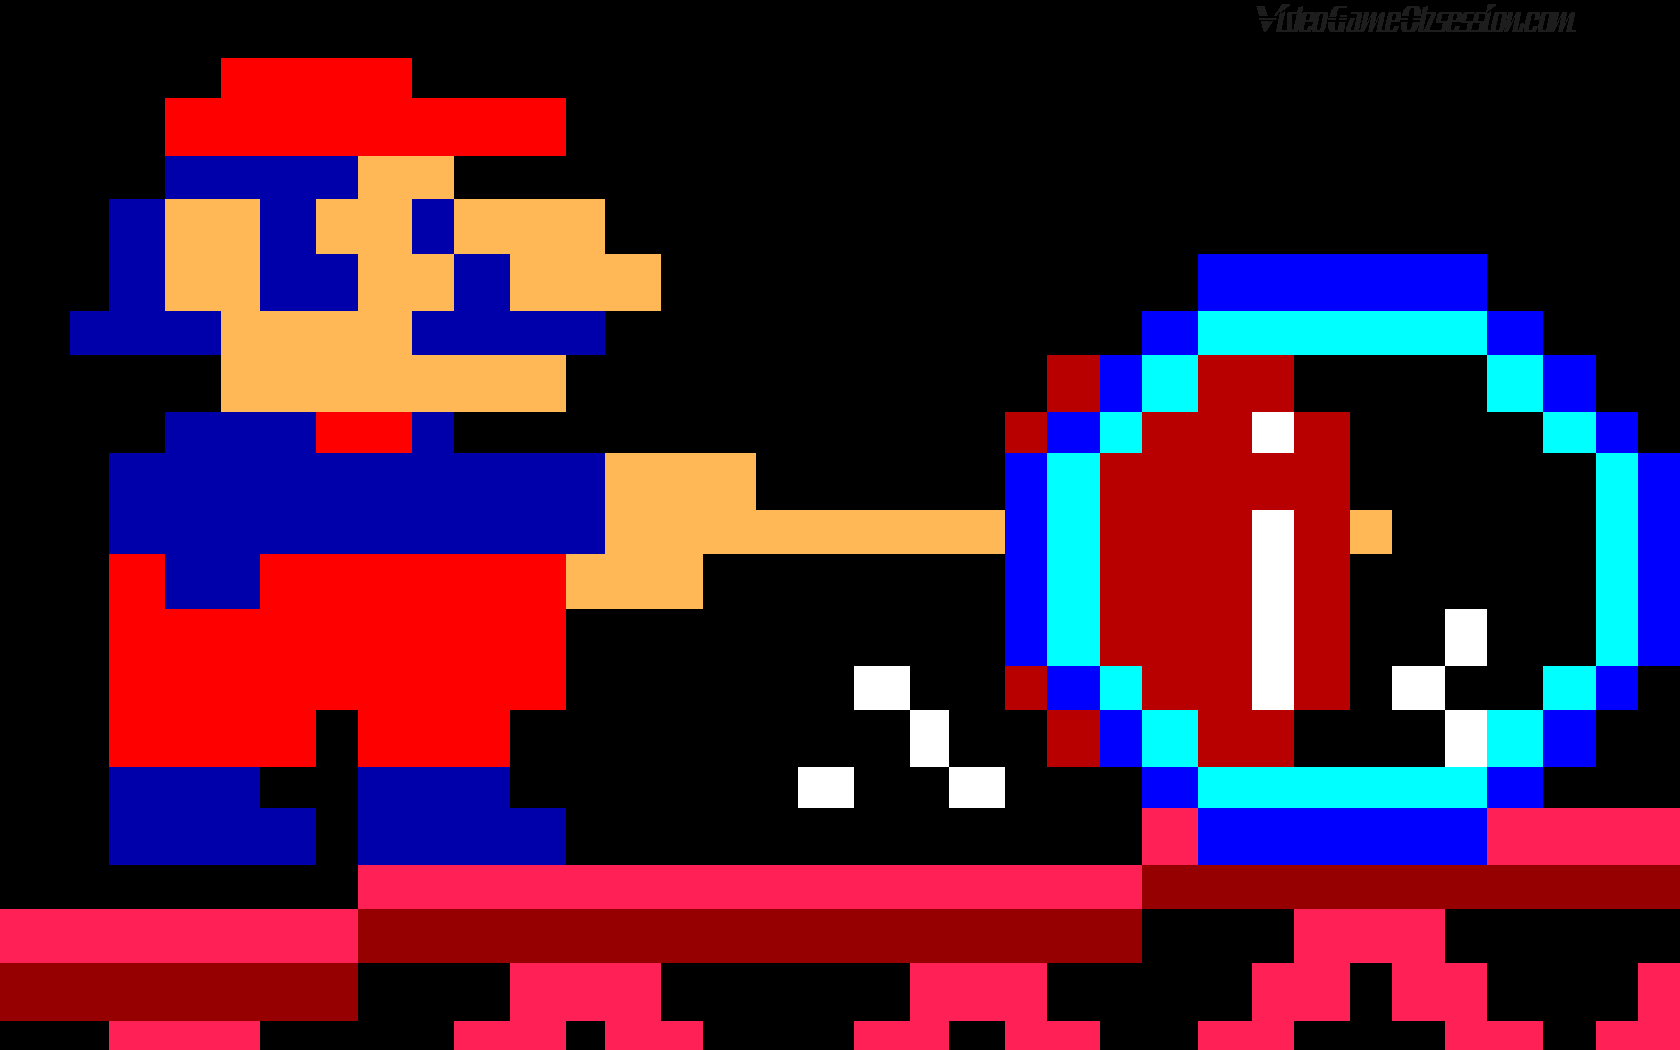 VGO-DK_Mario_1680x1050-vgo